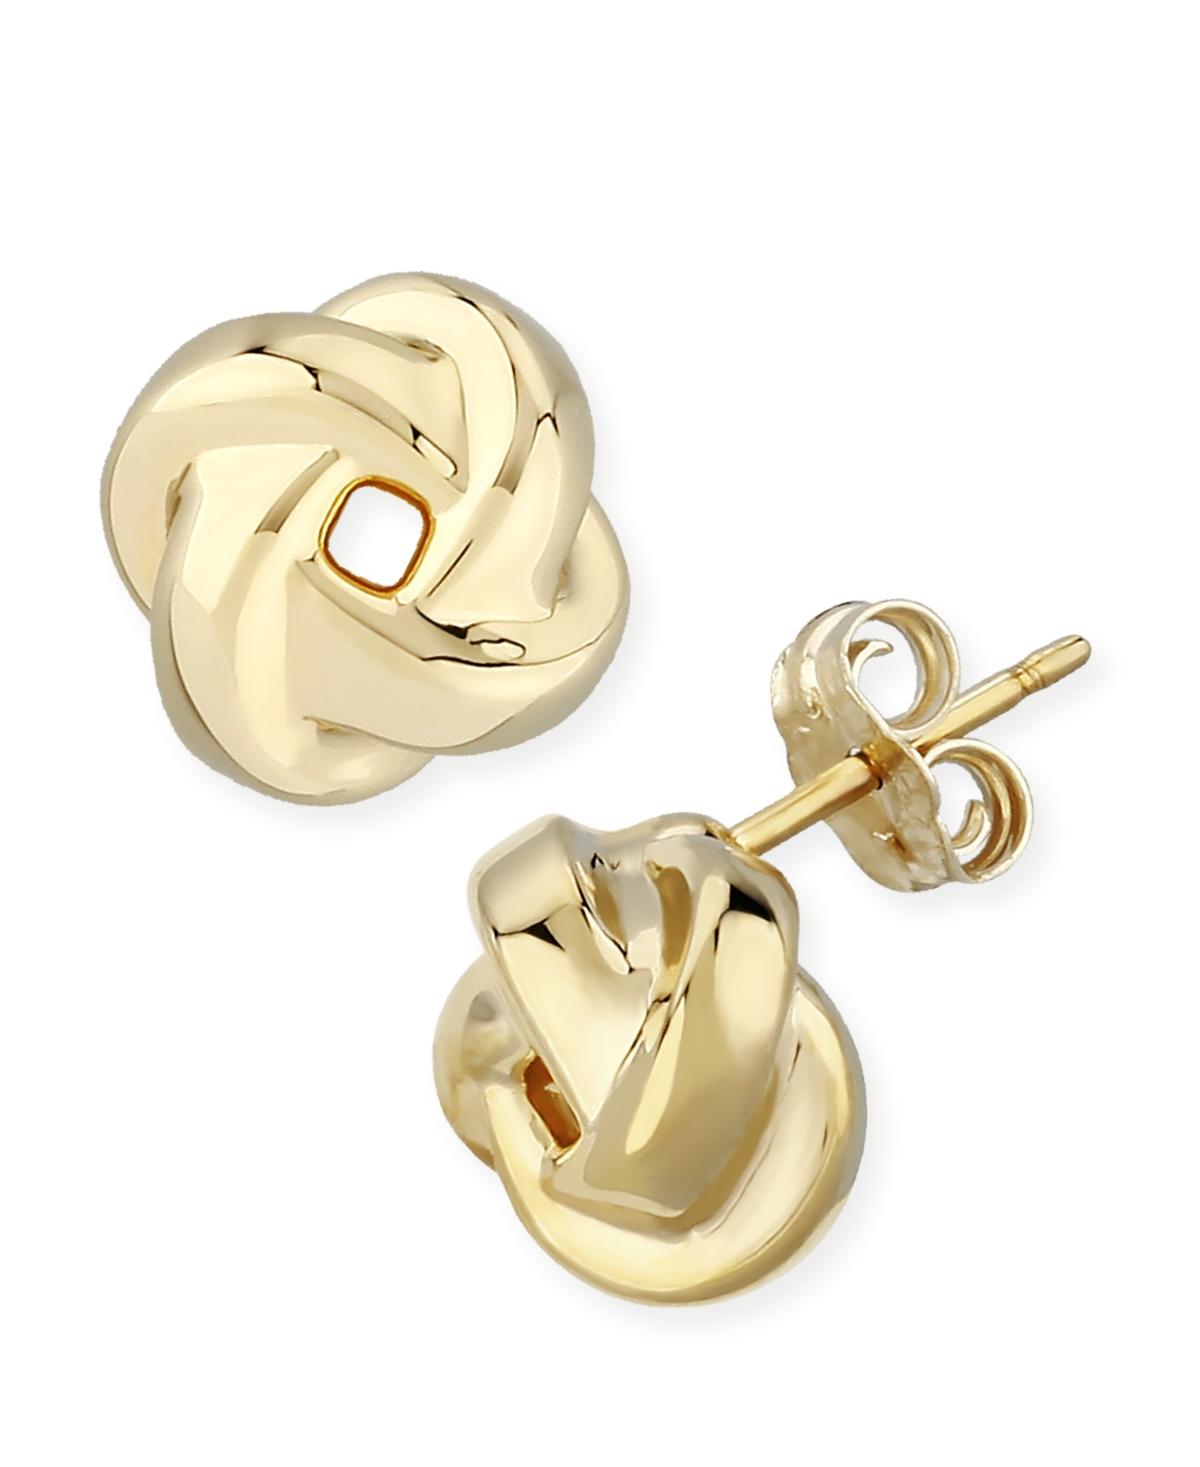 Love Knot Stud Earrings Set in 14k Gold (8mm)